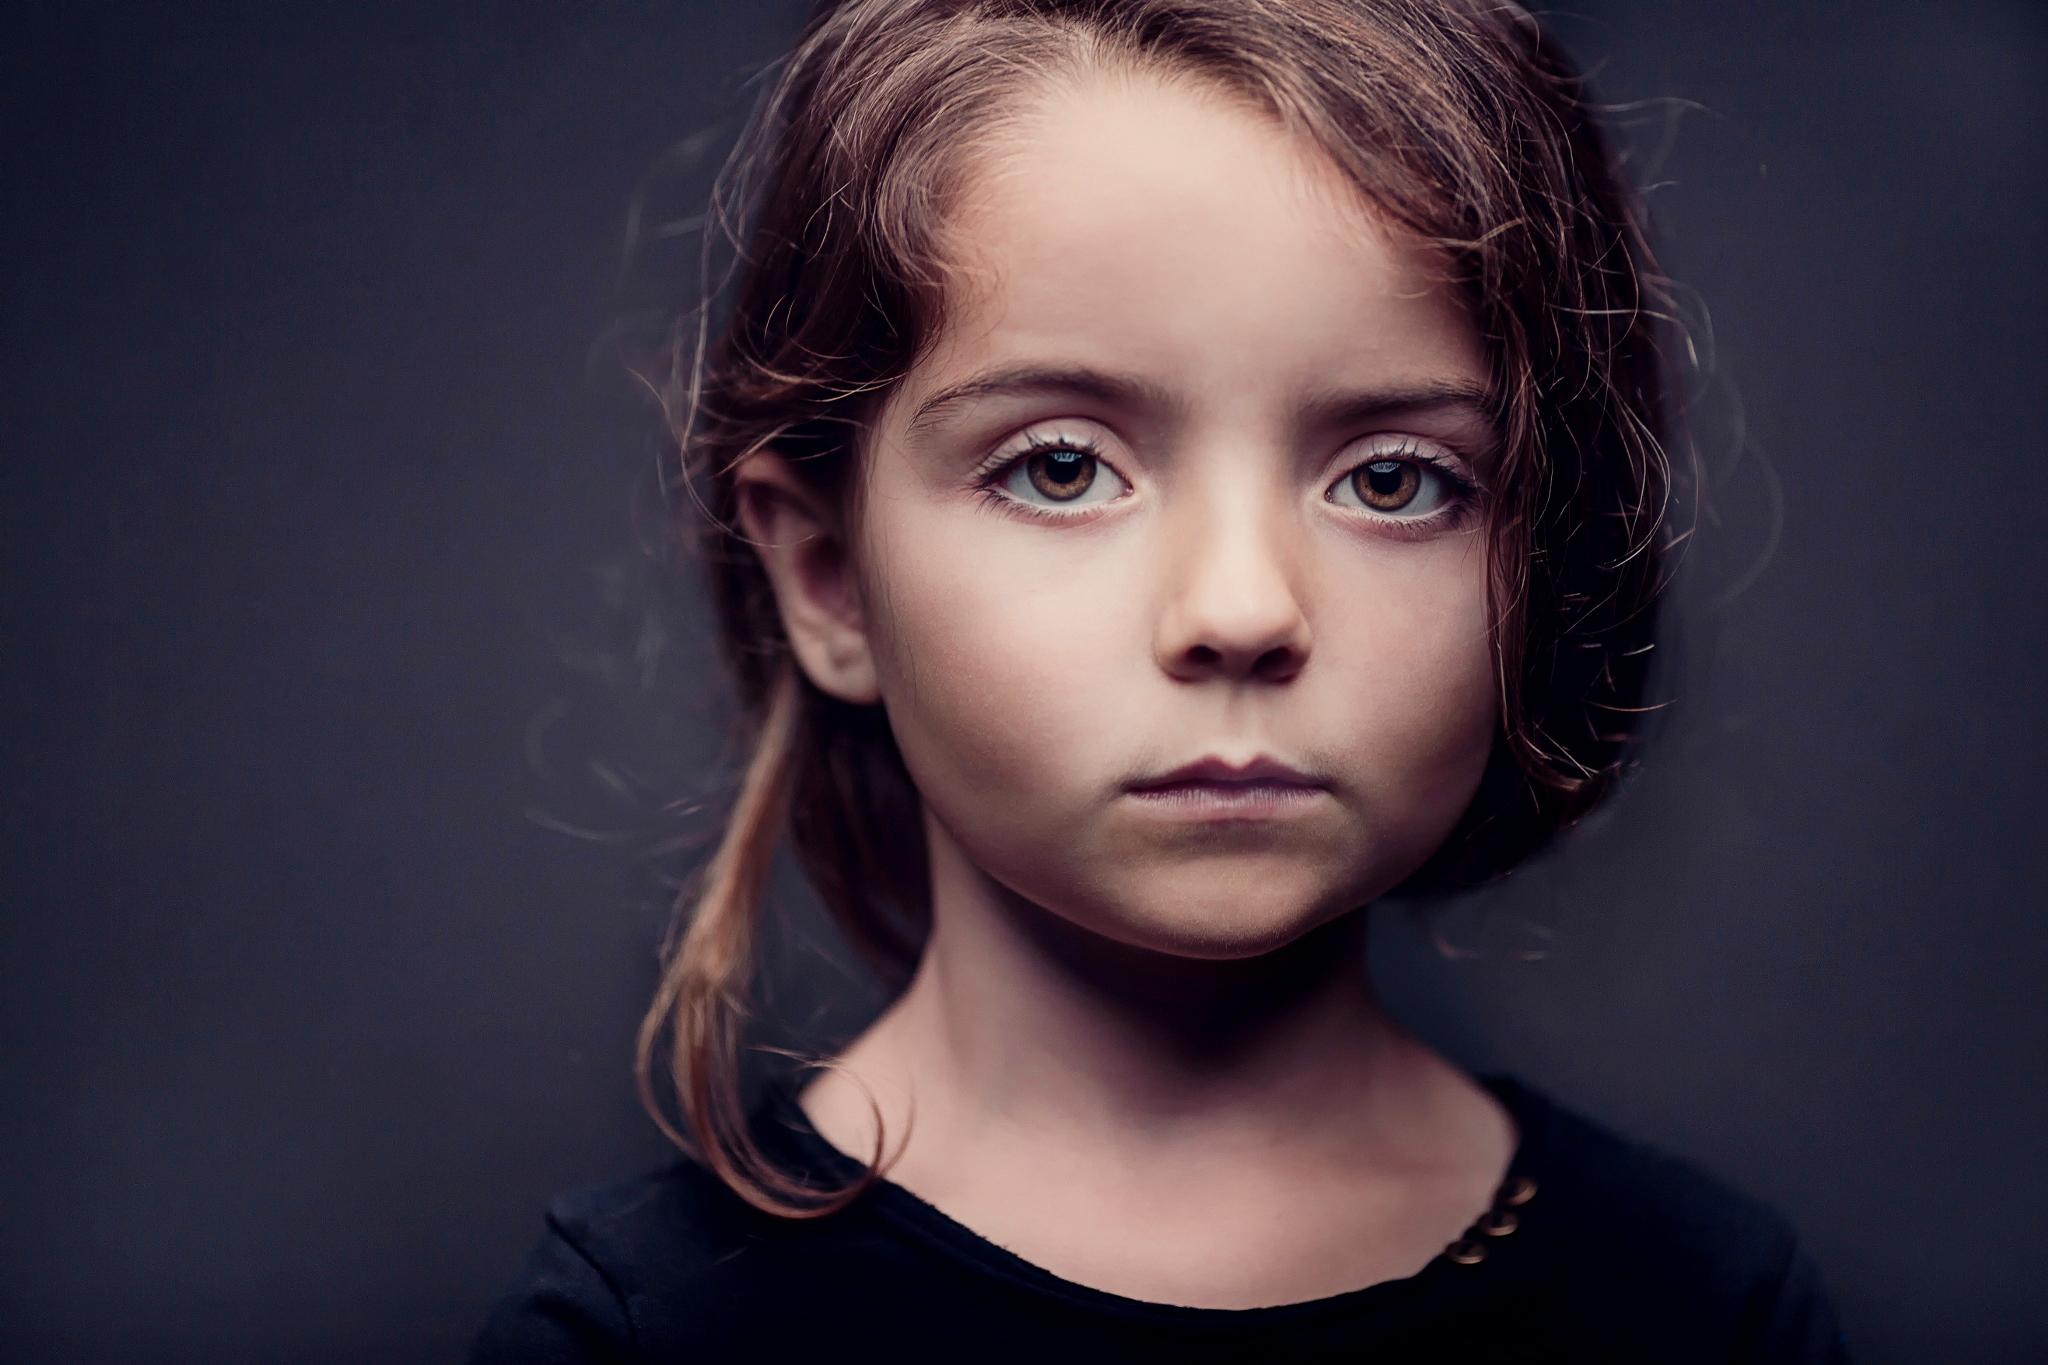 Значение имени Агния — как влияет на ее судьбу и характер